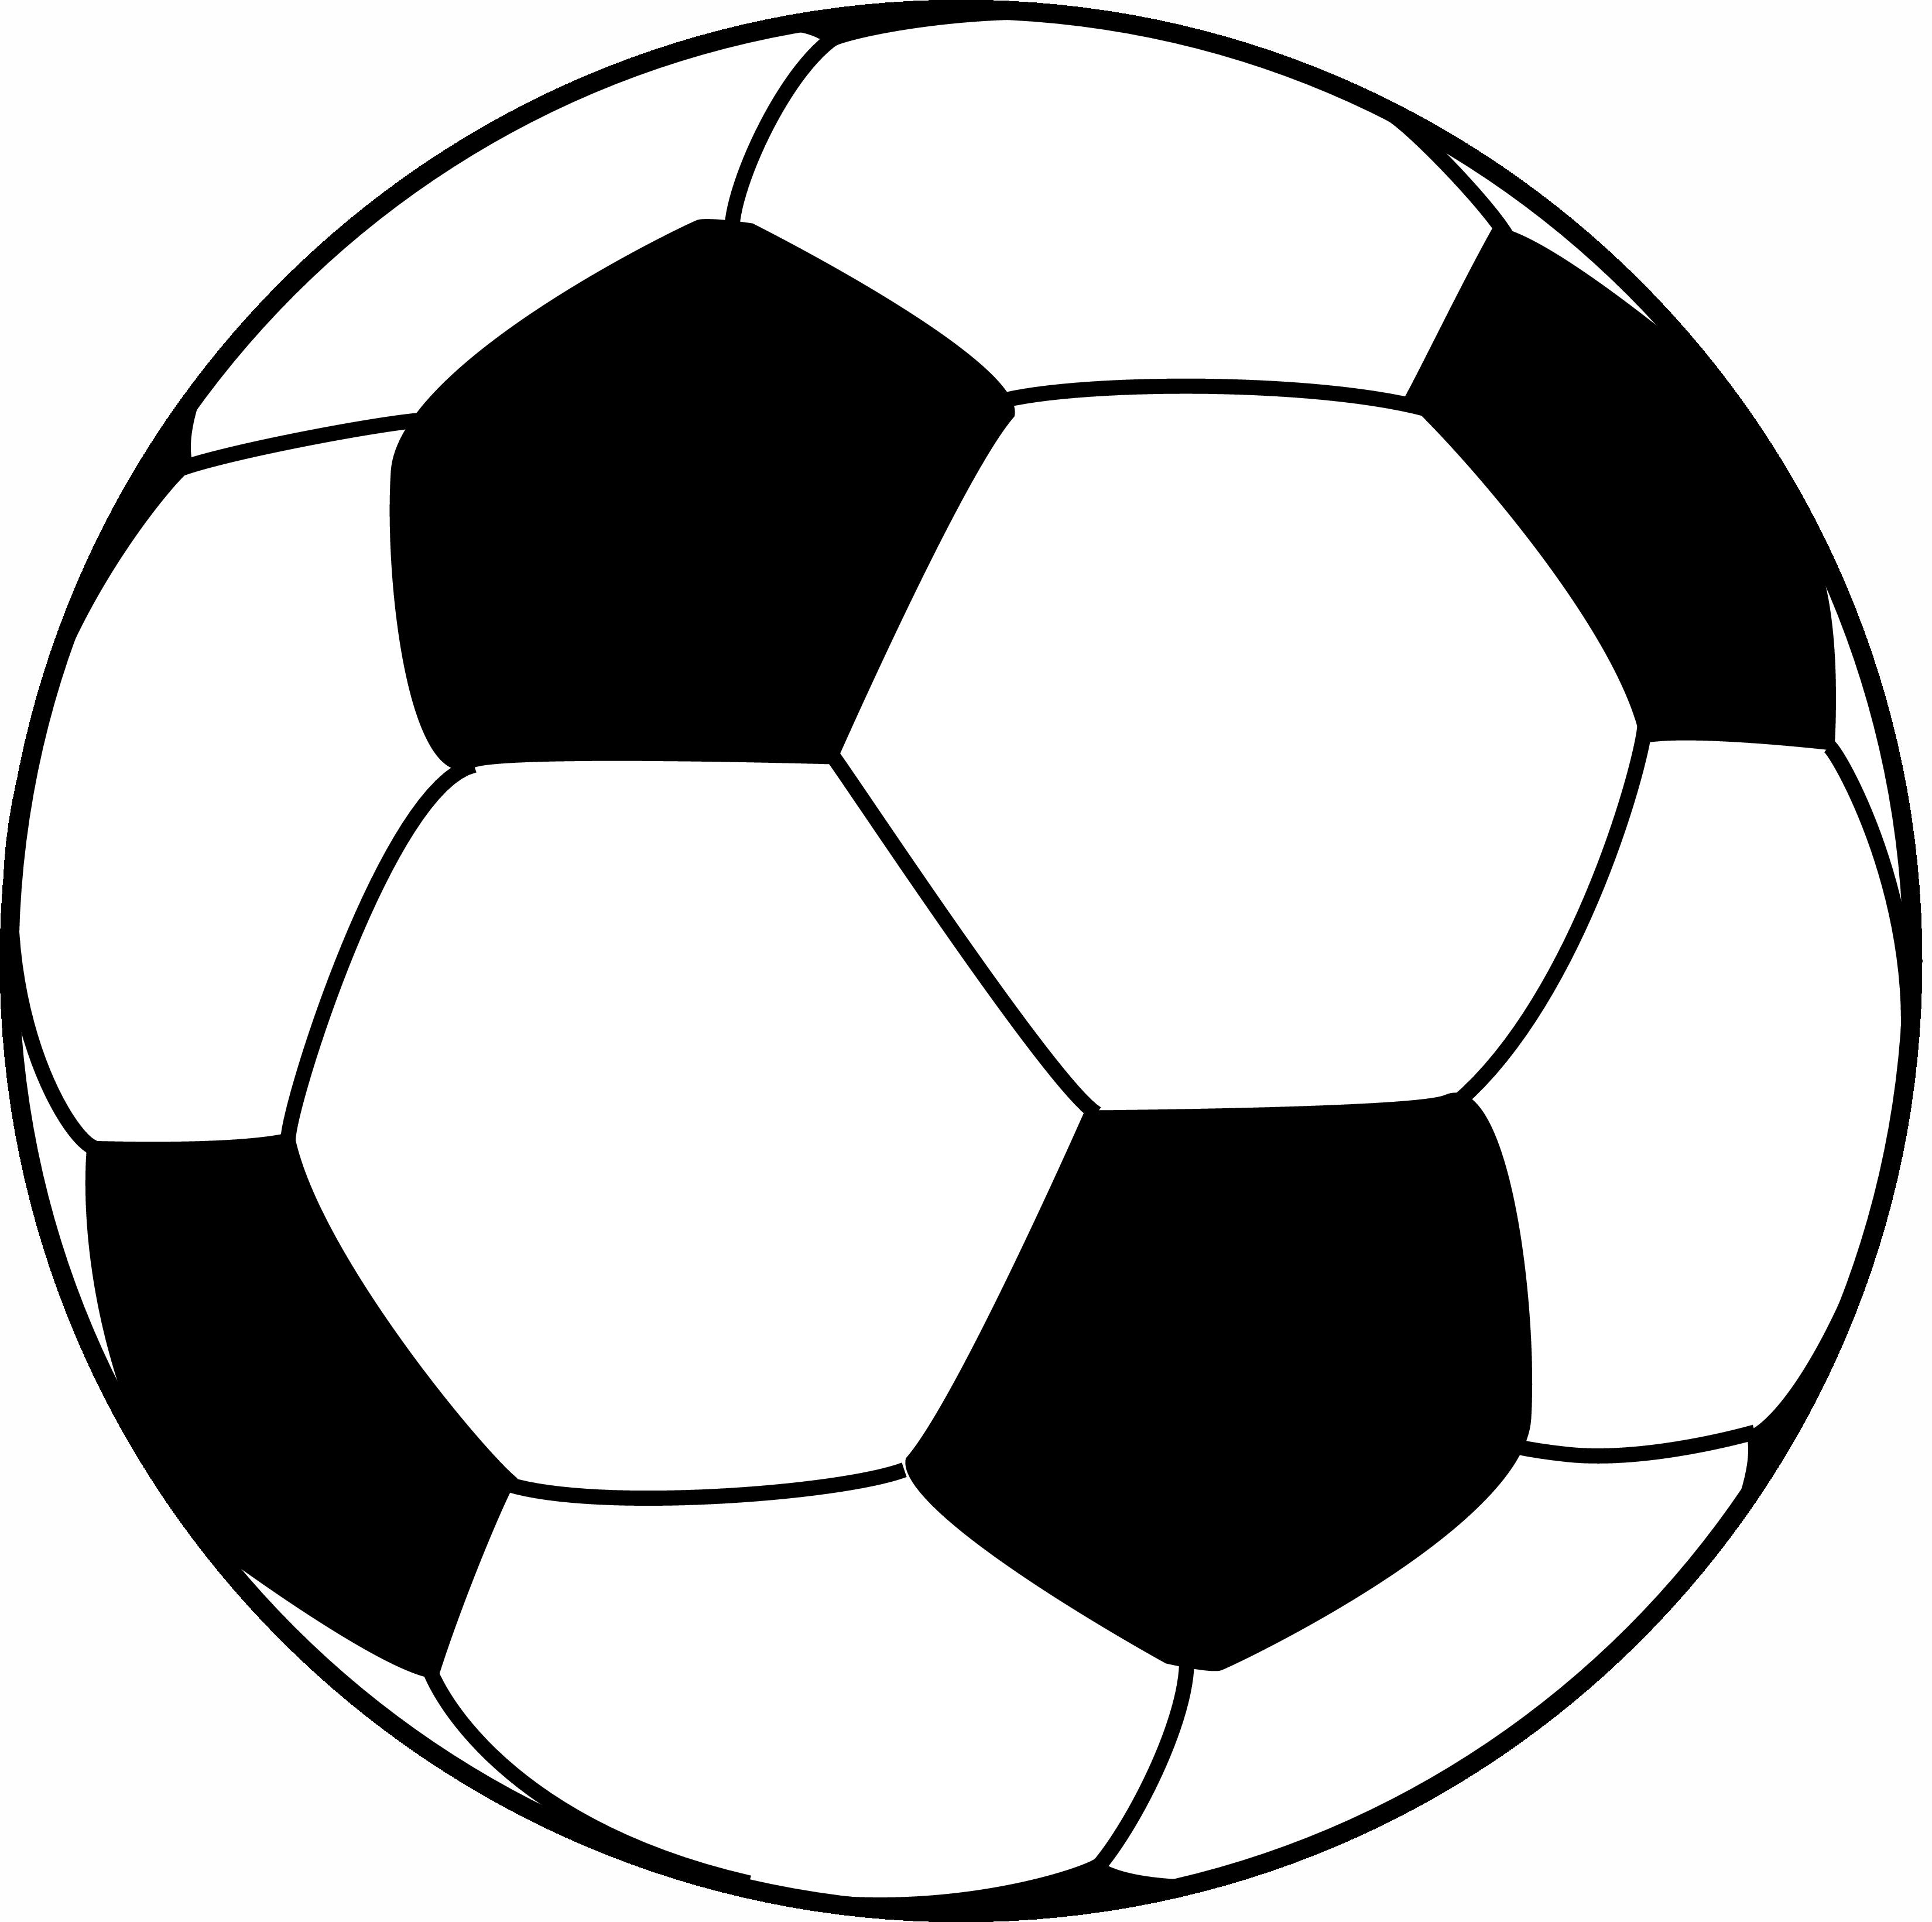 Soccer Ball Png - ClipArt Best